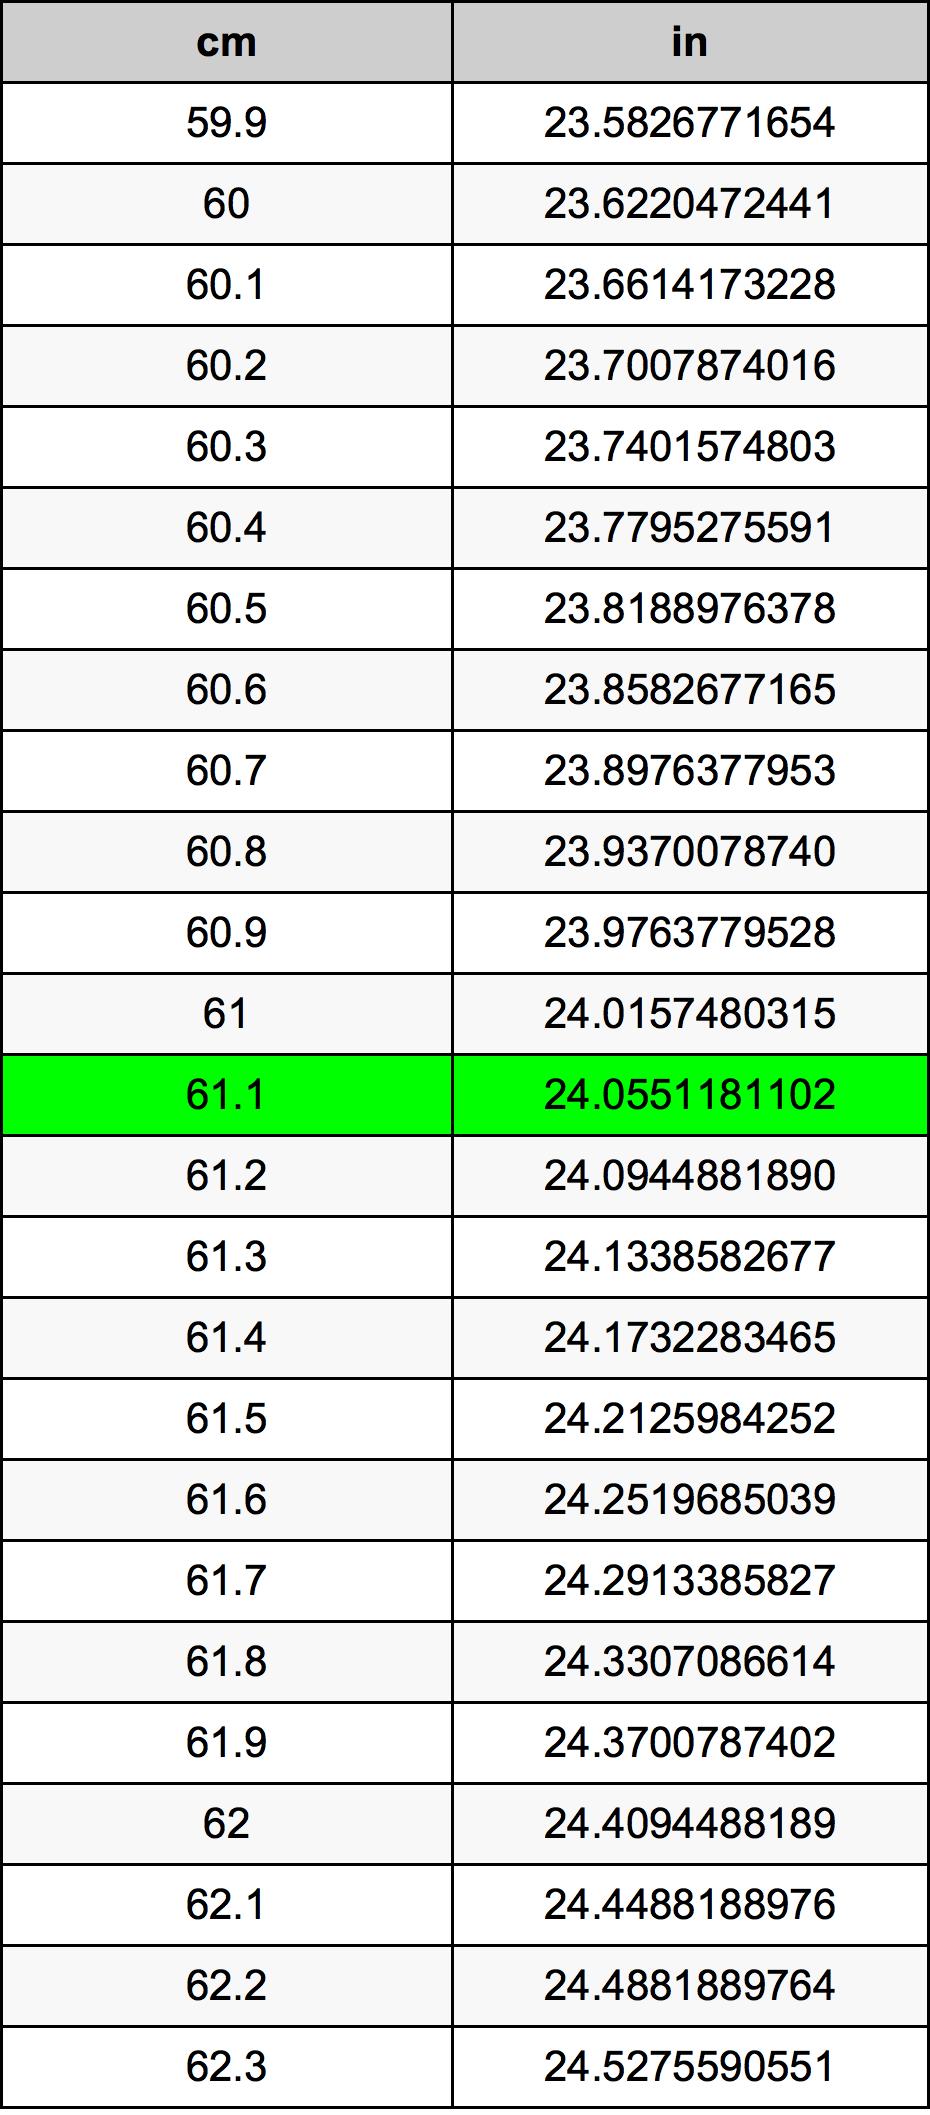 61.1厘米換算表